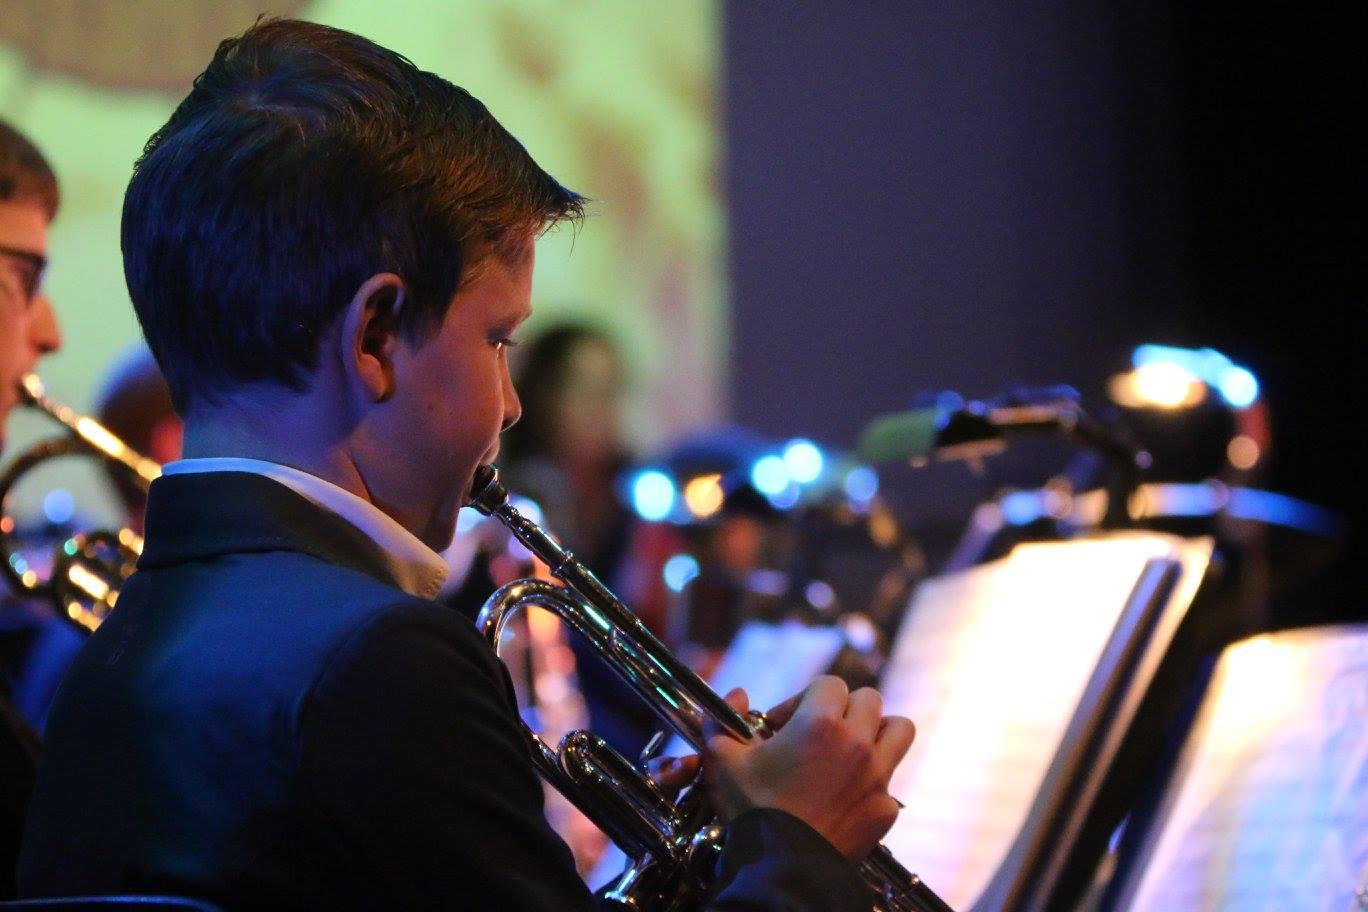 Muzikant leerlingen orkest Zoetermeer - Harpe Davids